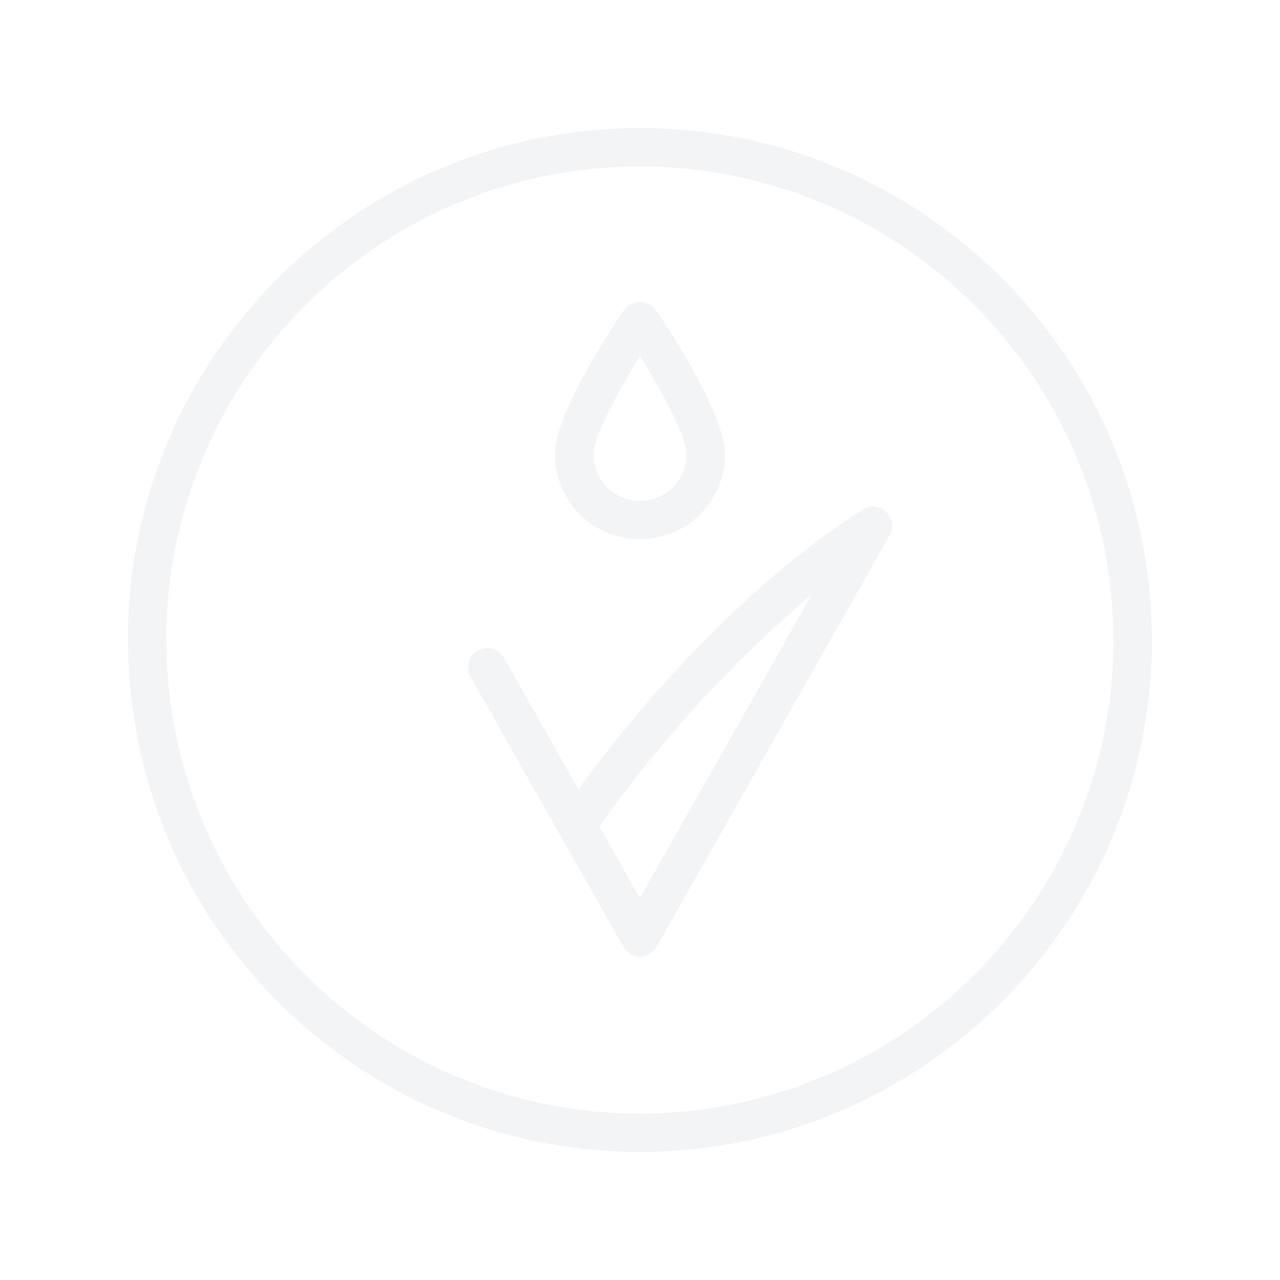 MARC JACOBS Daisy 100ml Eau De Toilette Gift Set